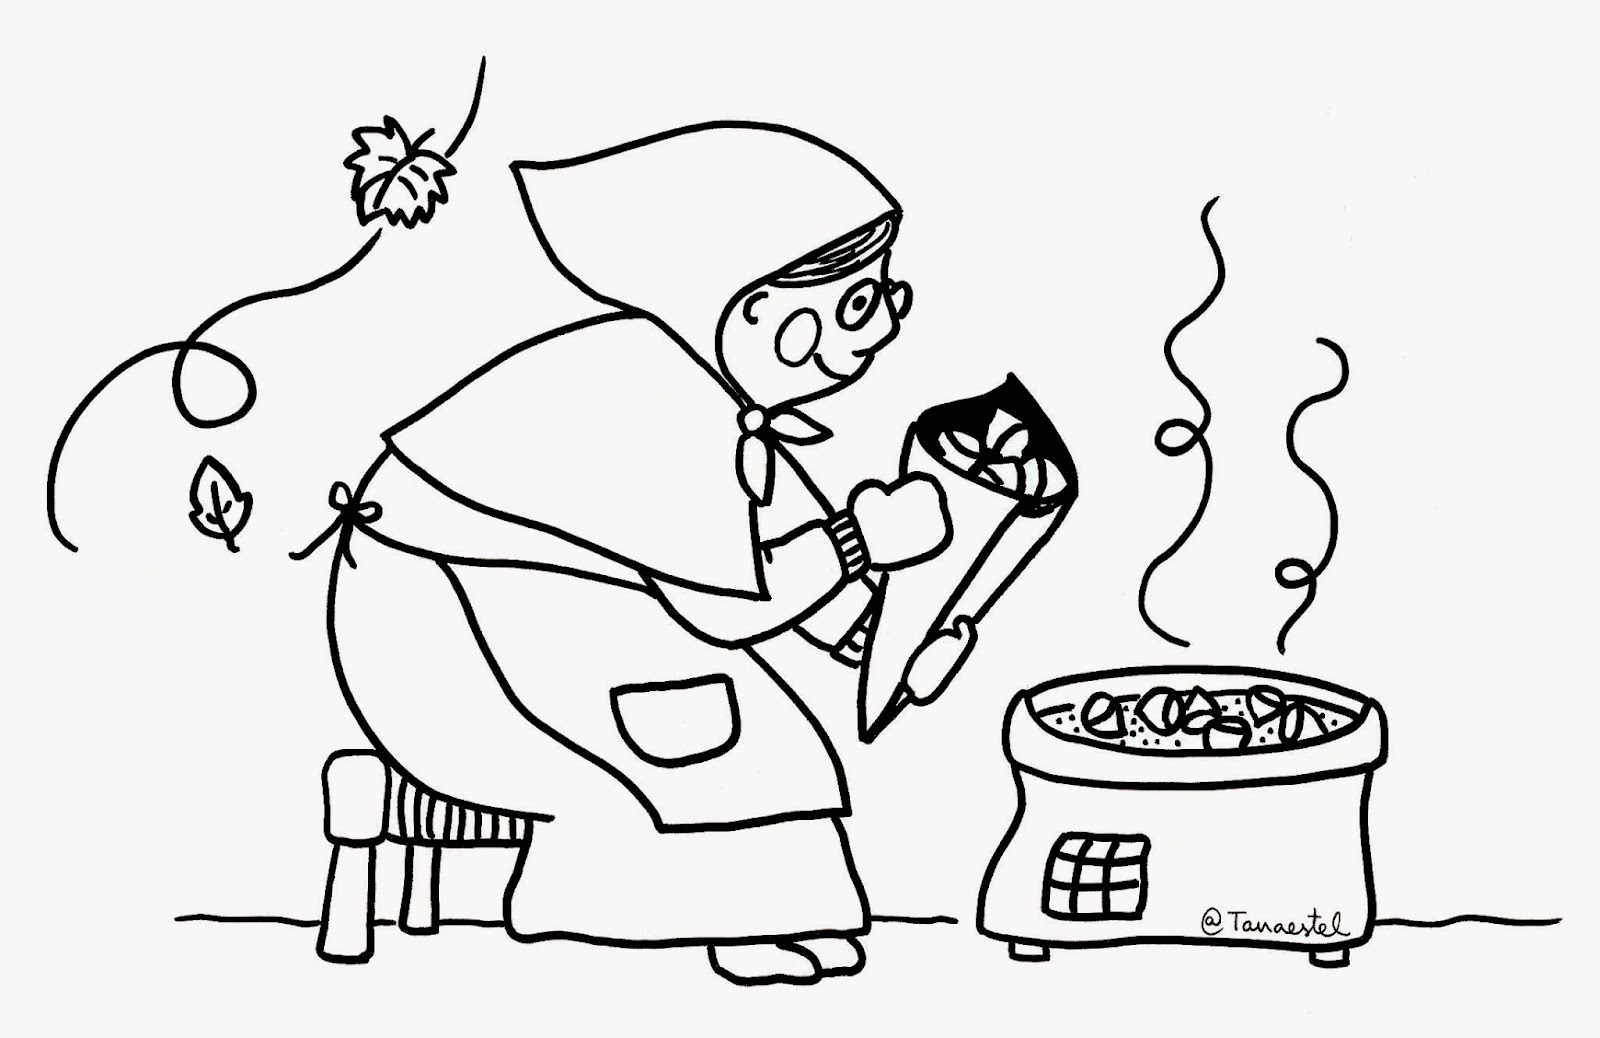 Dibujos De Castanas Para Colorear E Imprimir: Aprender A Educar Creciendo: CASTAÑERA PARA COLOREAR